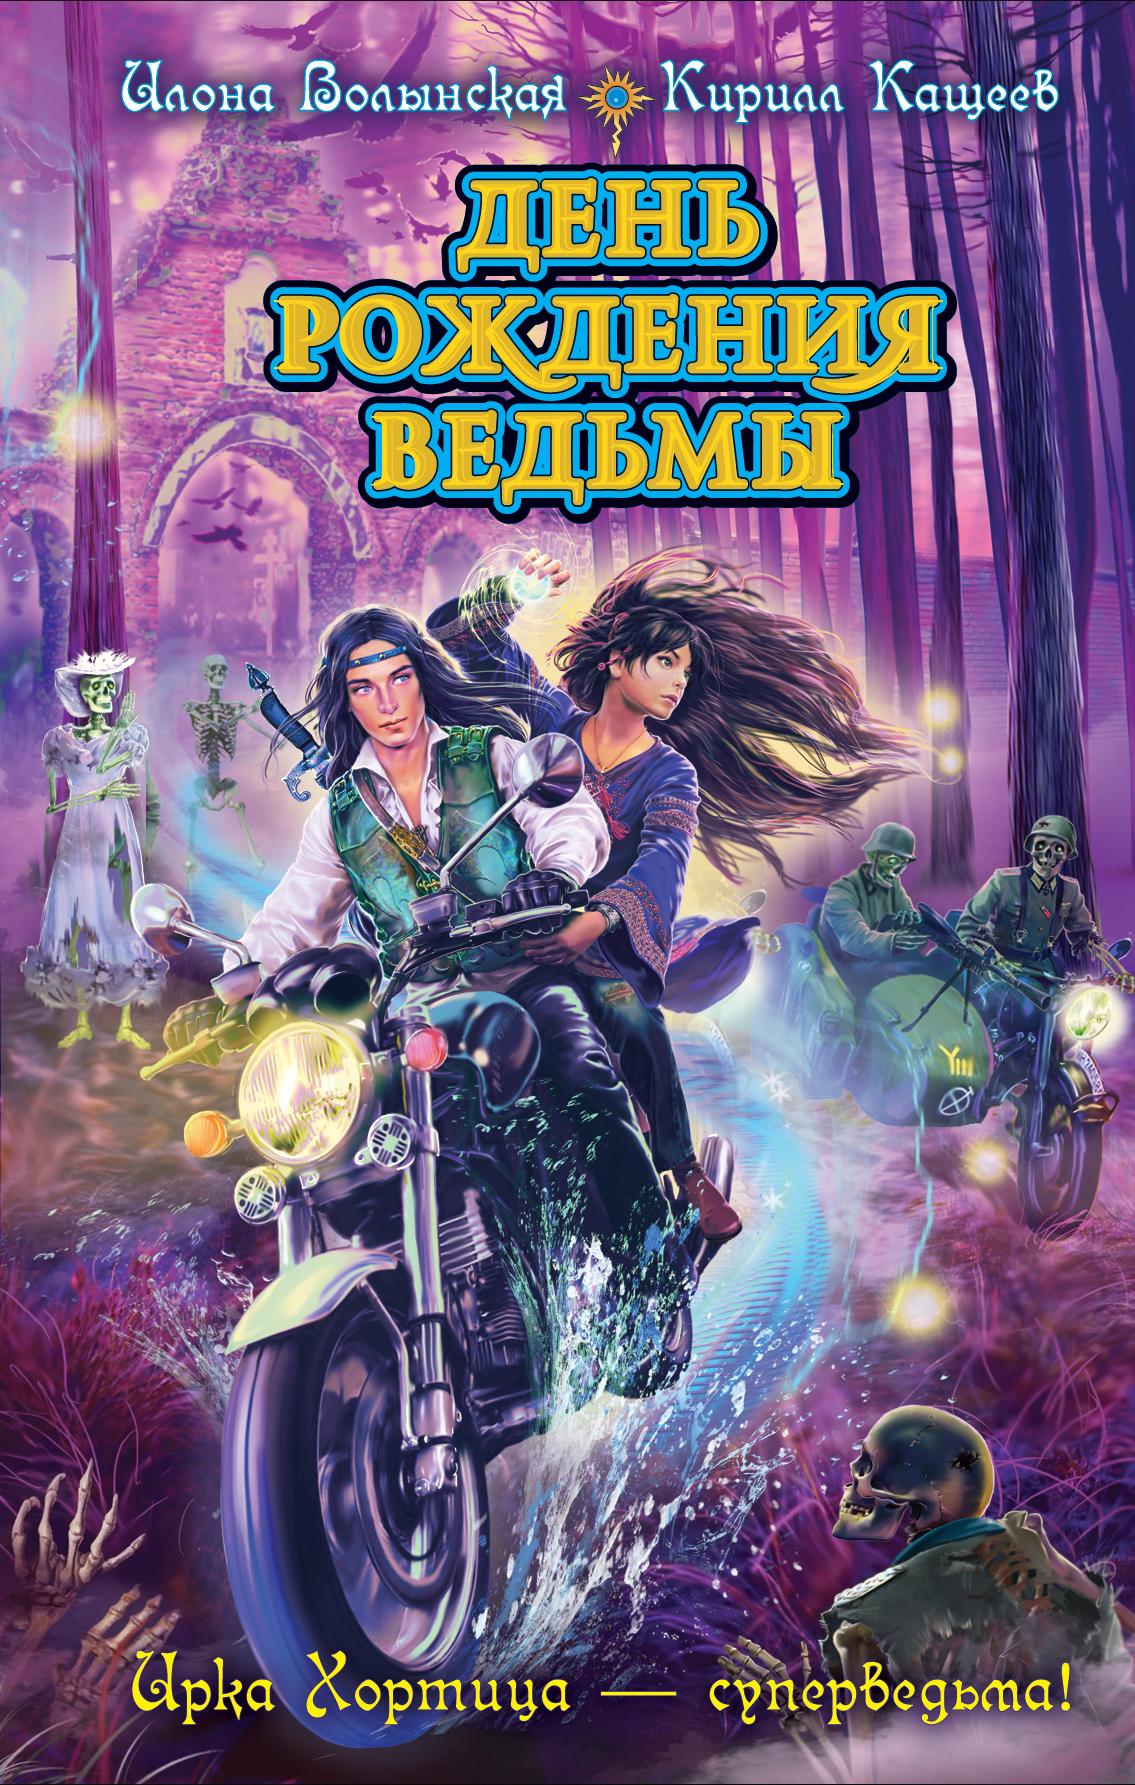 Волынская И., Кащеев К. День рождения ведьмы  илона волынская кирилл кащеев долг ведьмы